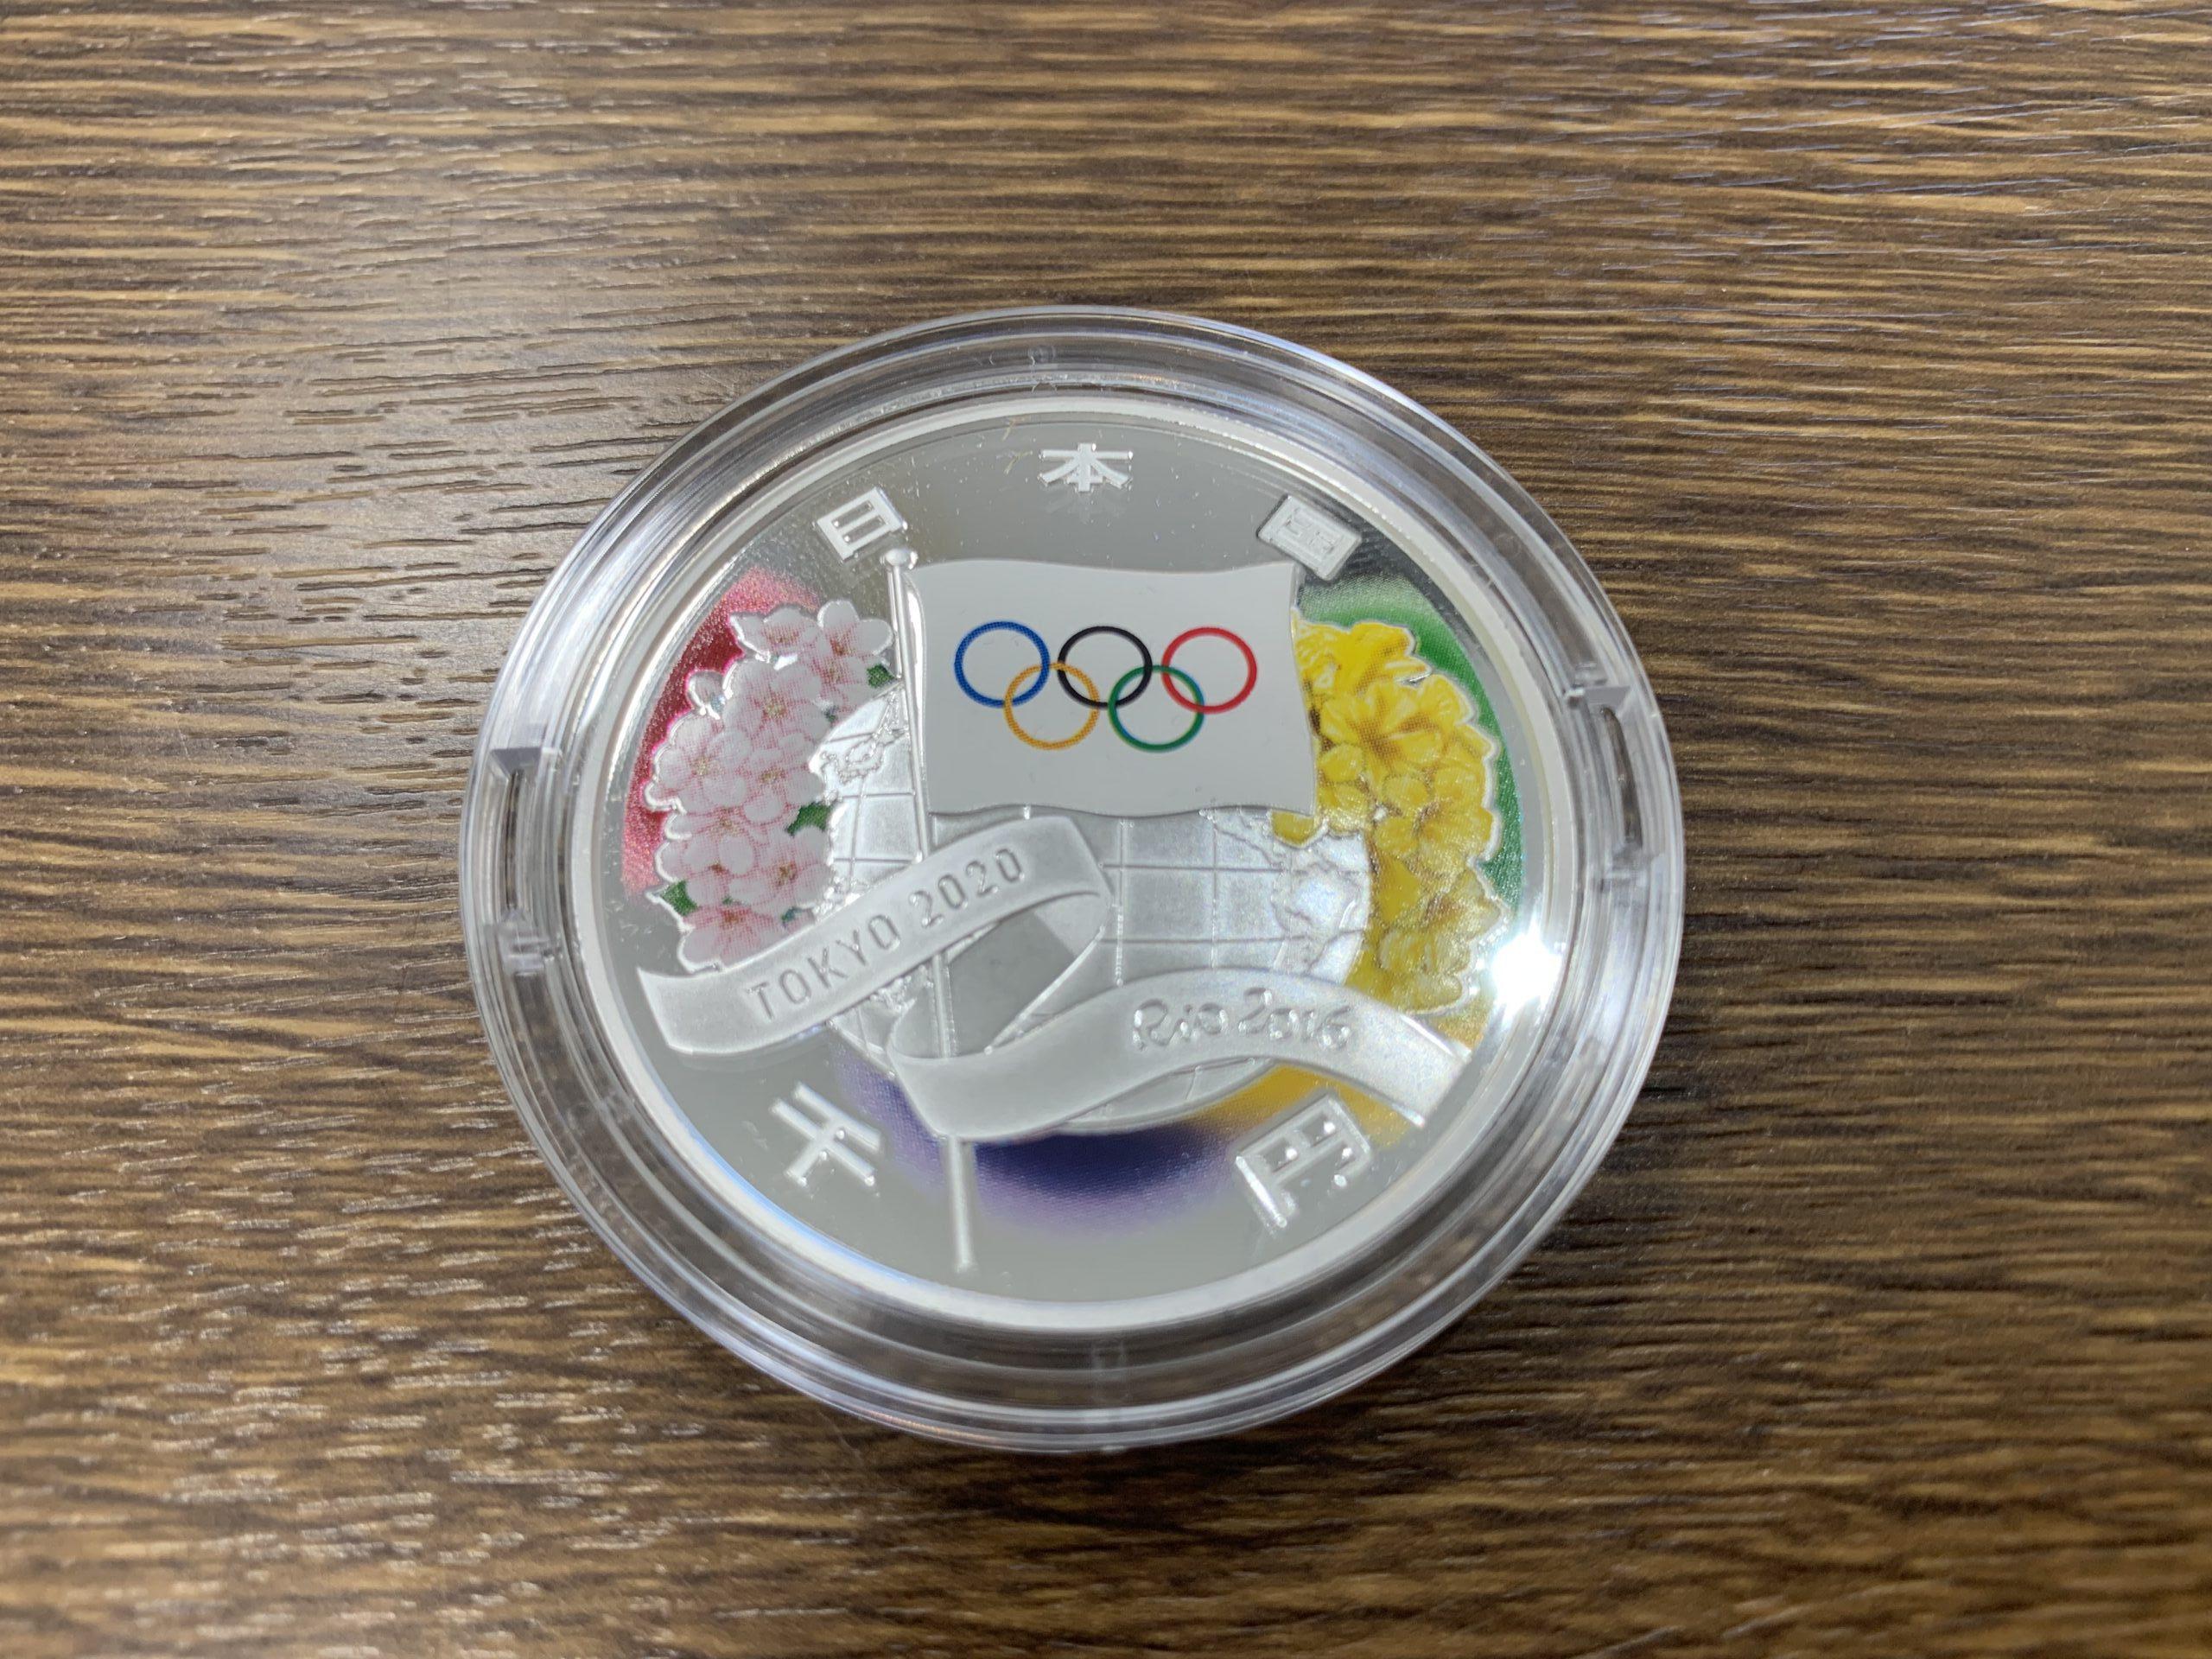 東京オリンピック2020 銀貨